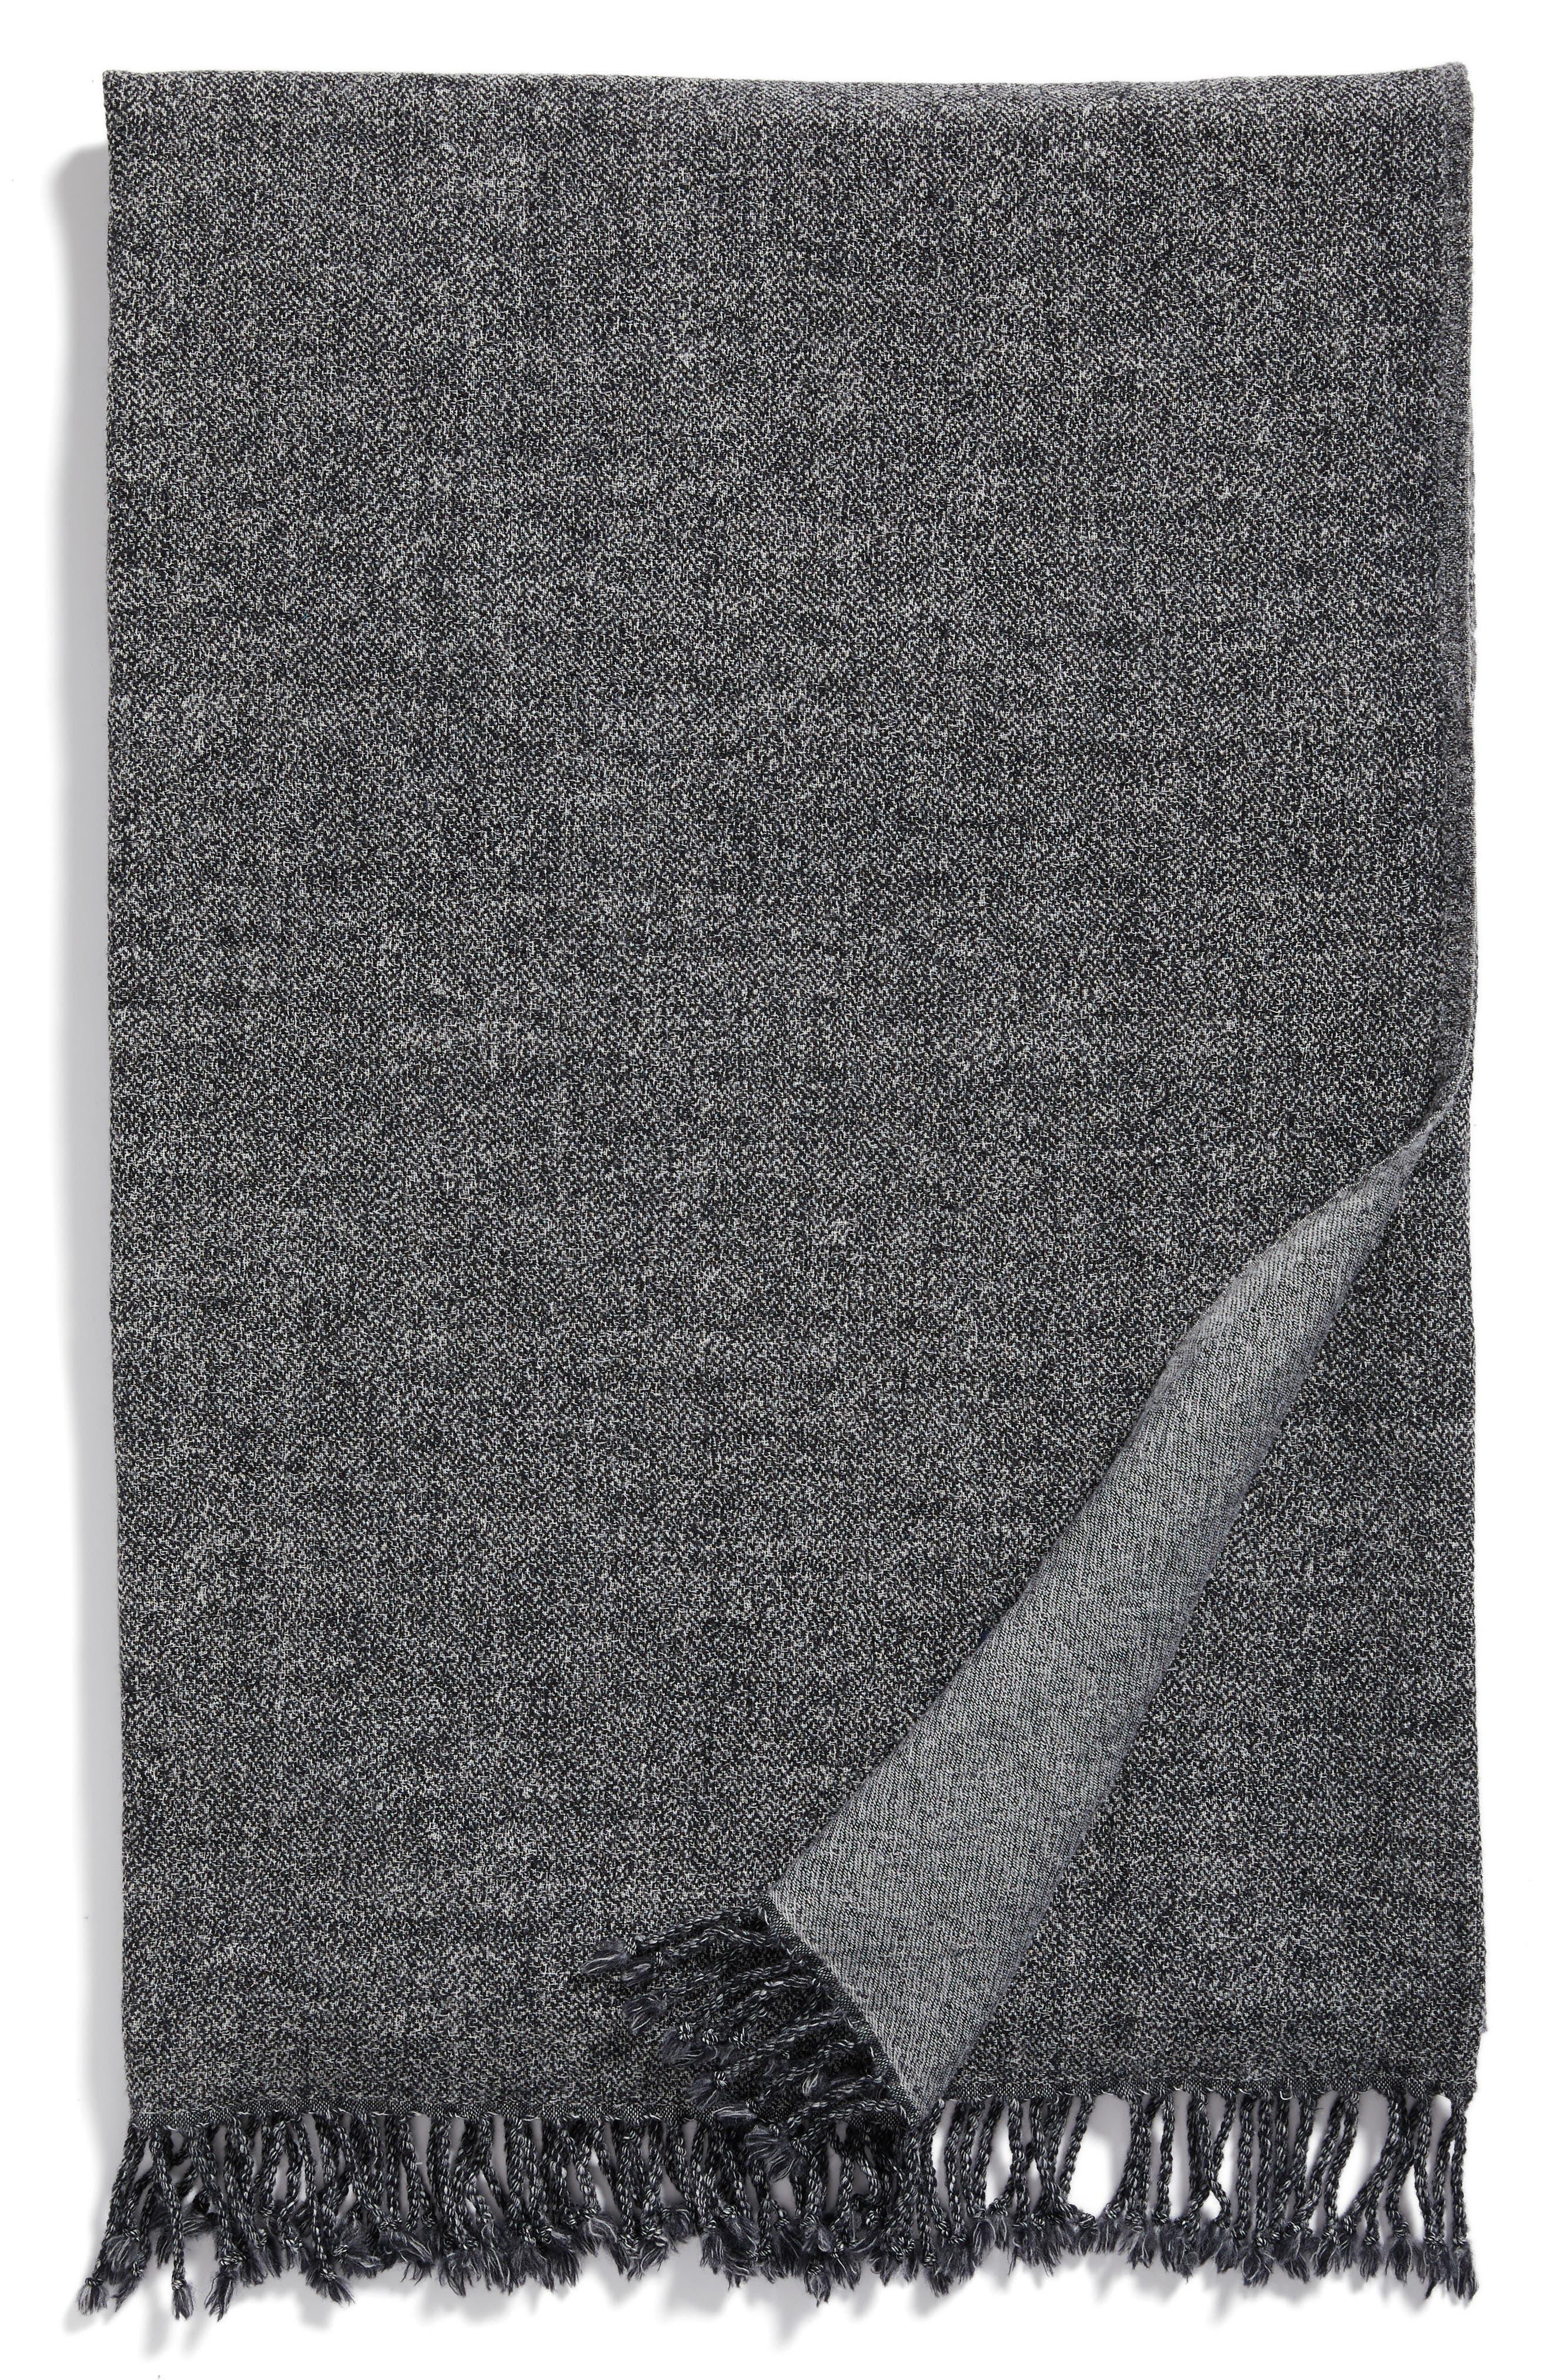 Modern Staples Blurred Herringbone Merino Wool Throw